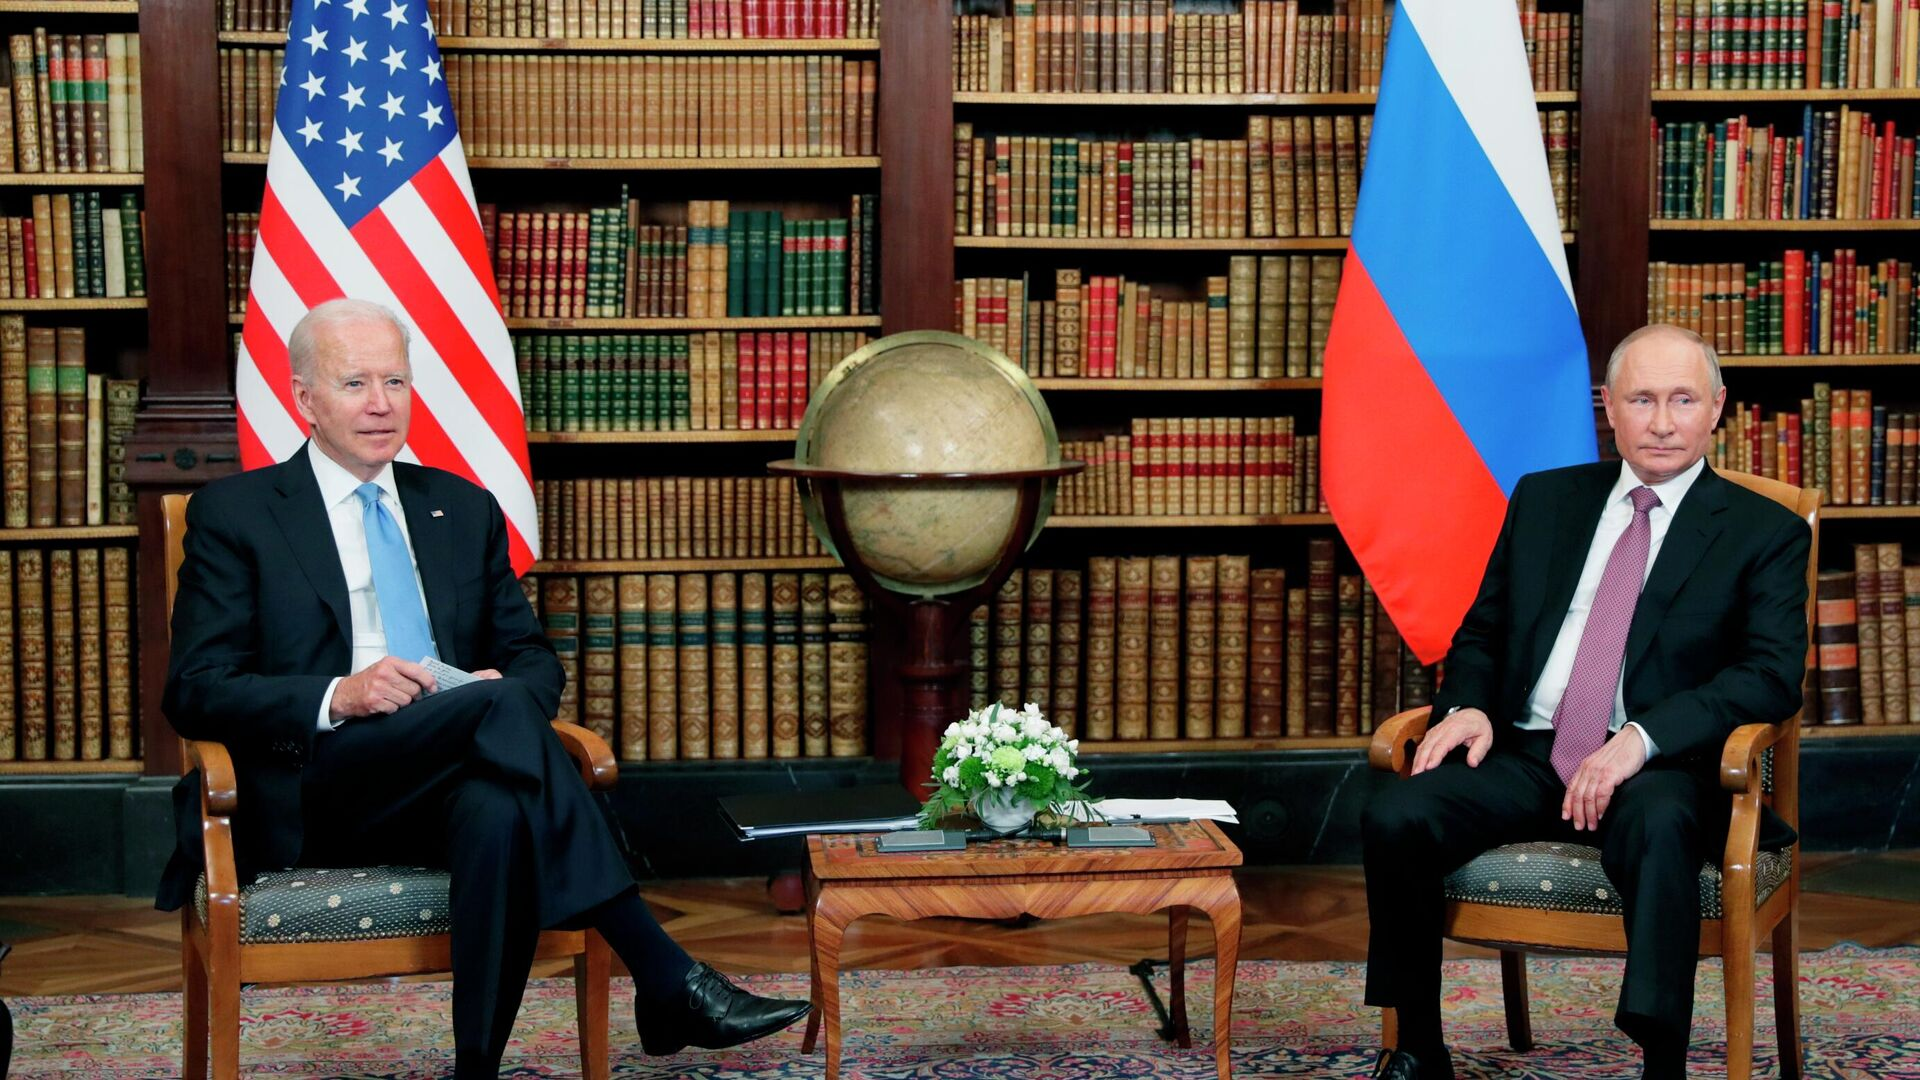 Встреча президентов России и США В. Путина и Дж. Байдена в Женеве - Sputnik Таджикистан, 1920, 18.06.2021